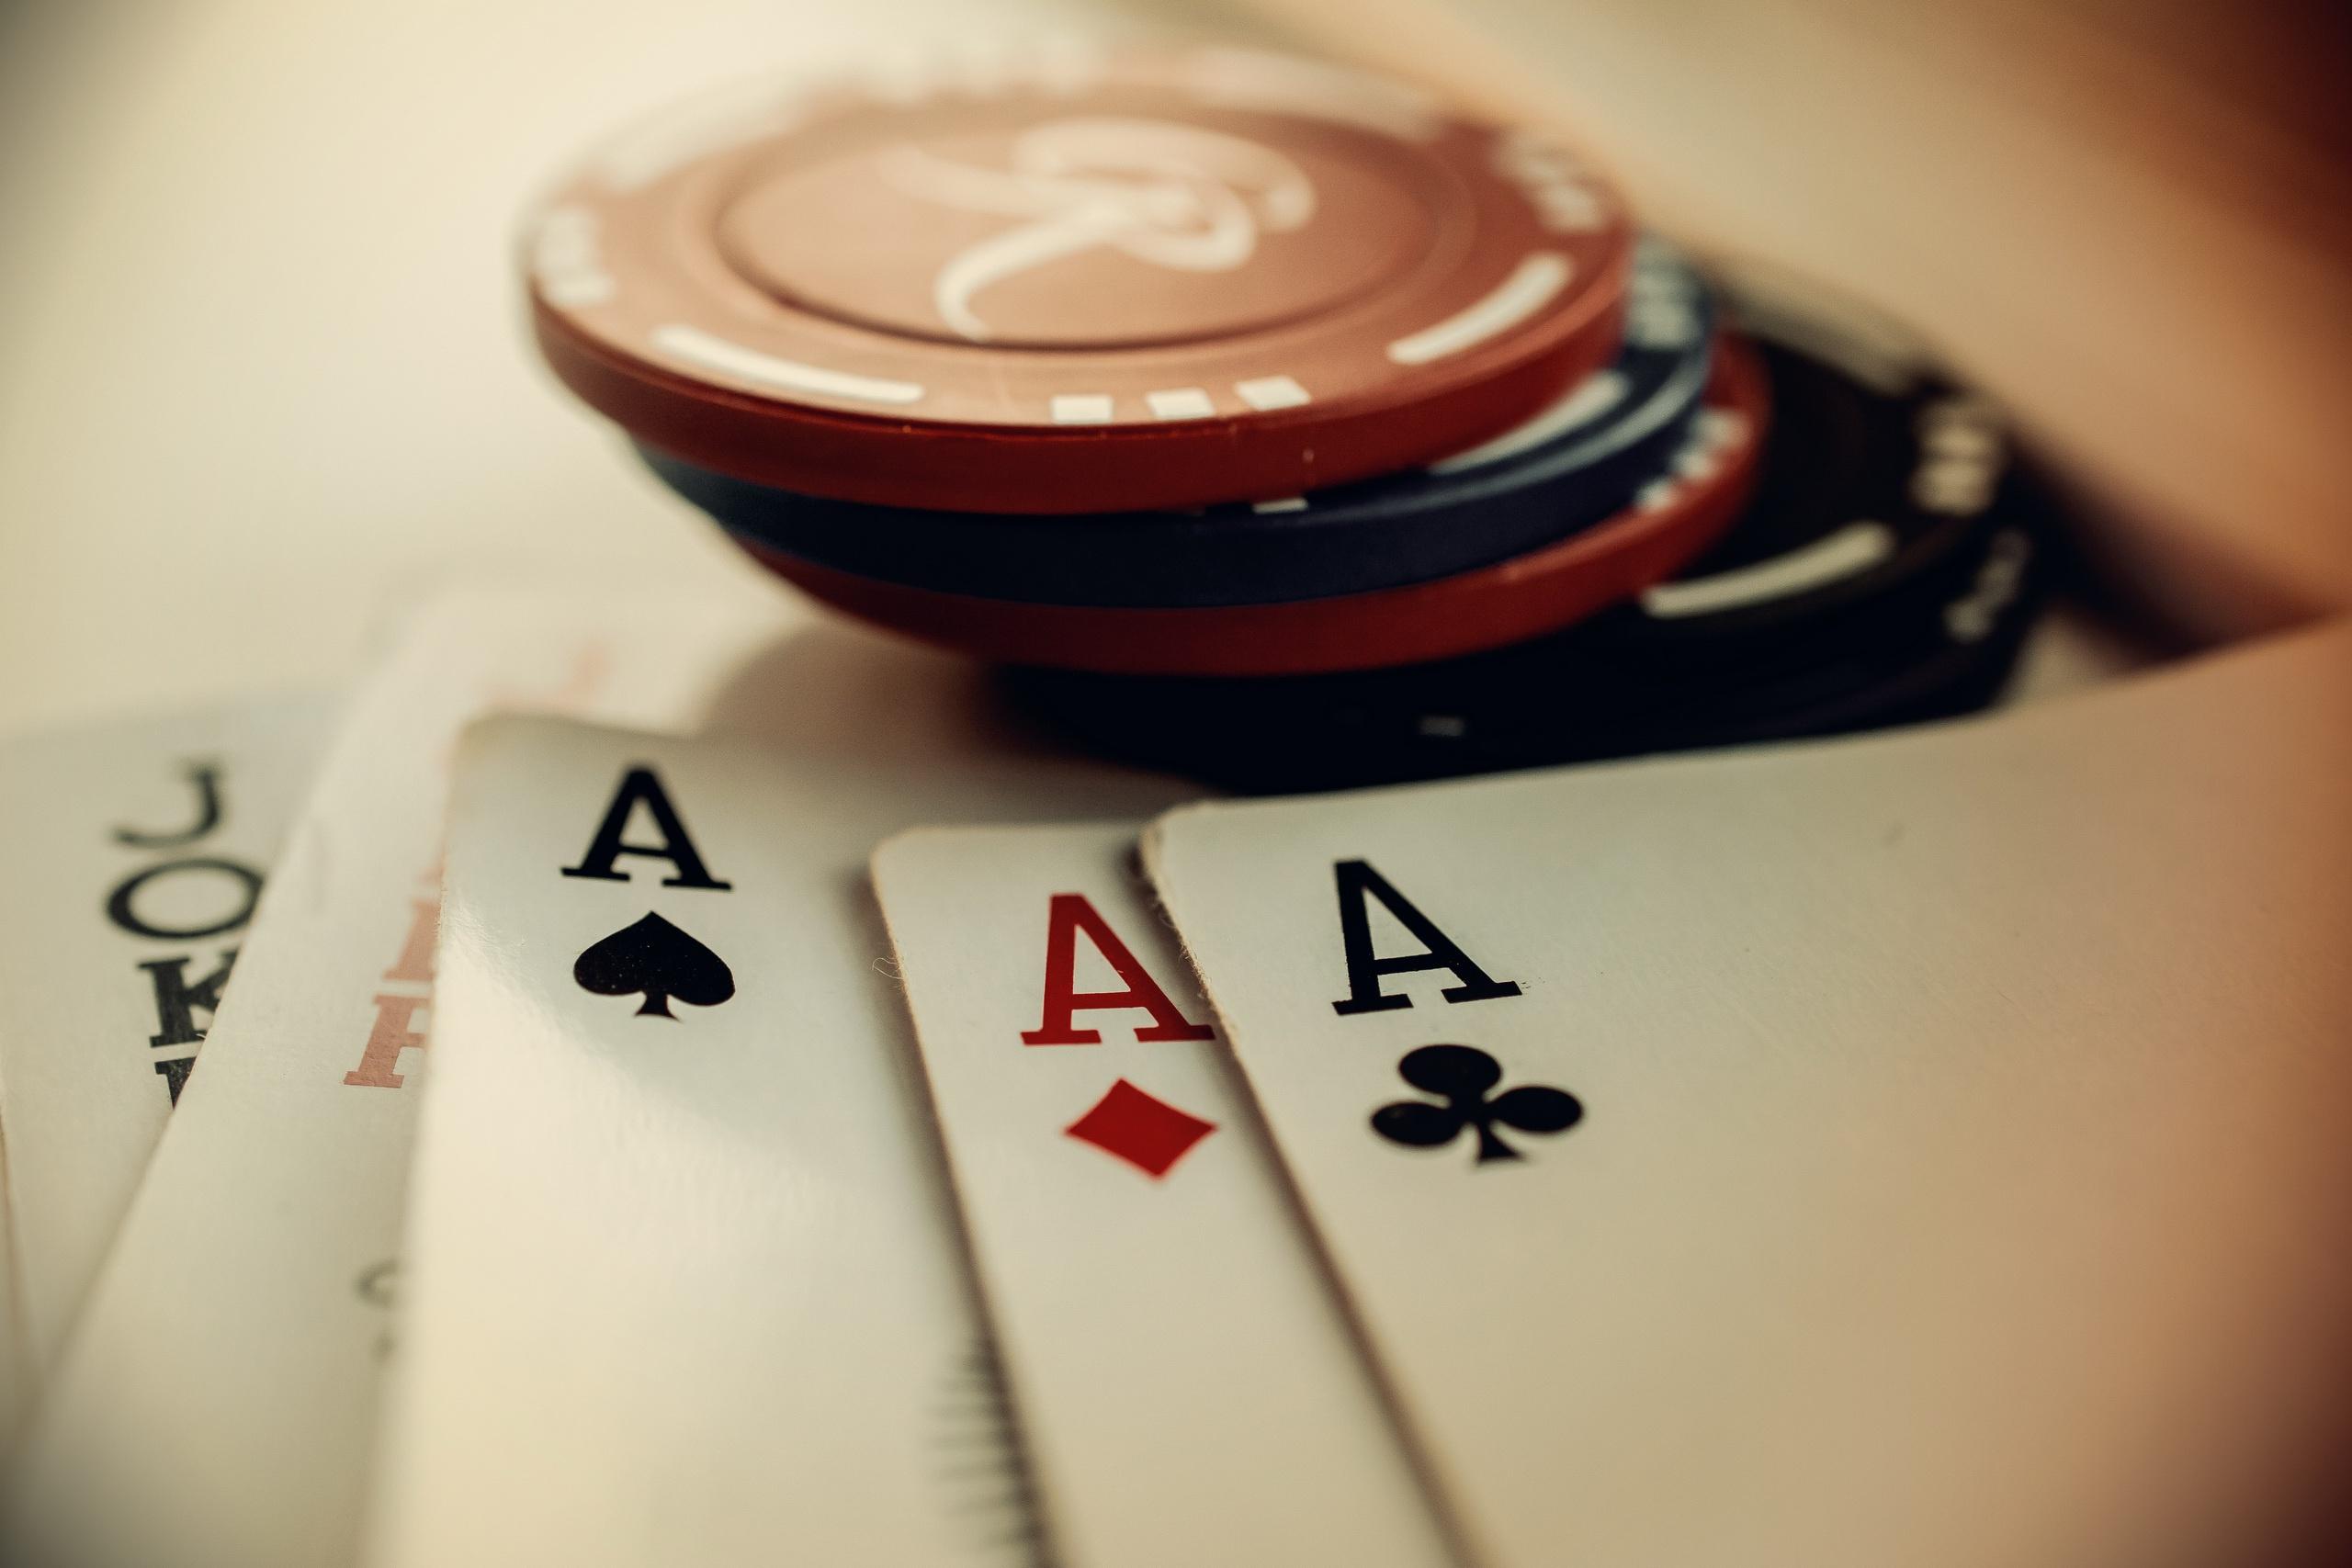 Mengintip dalam bonus menarik poker poker1001 yang menarik